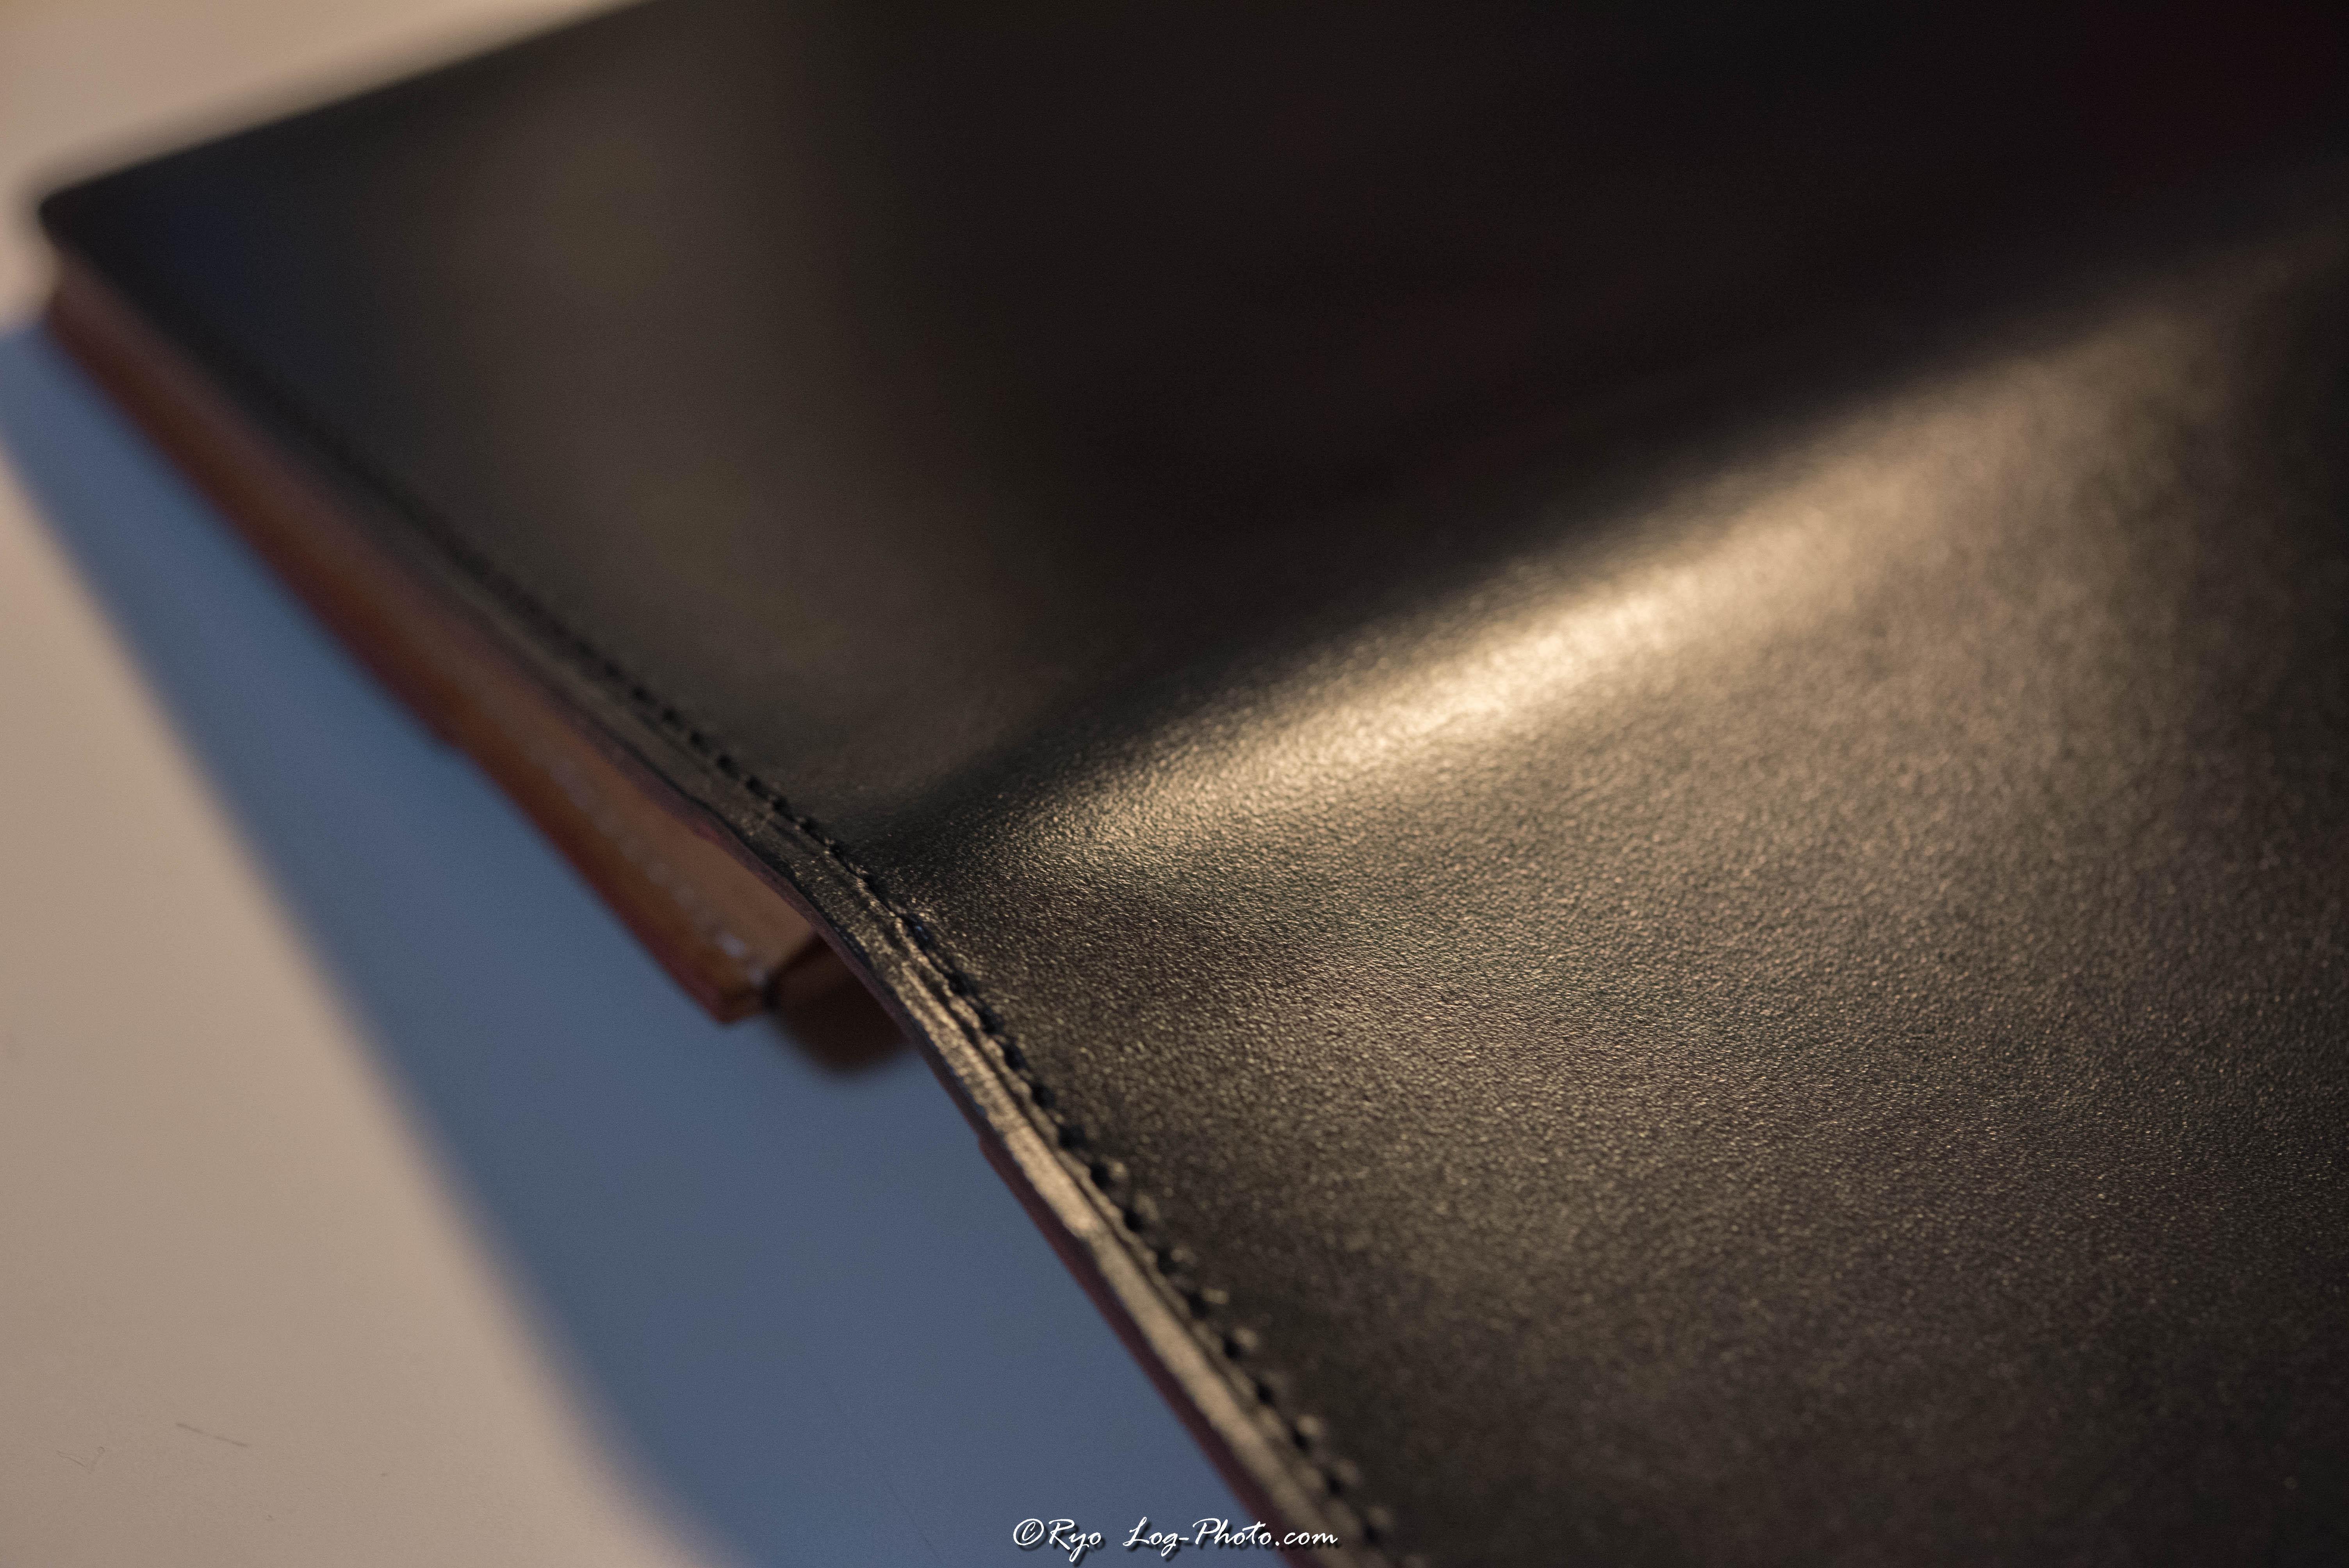 ganzo(ガンゾ)のブライドルレザー 財布手入れ